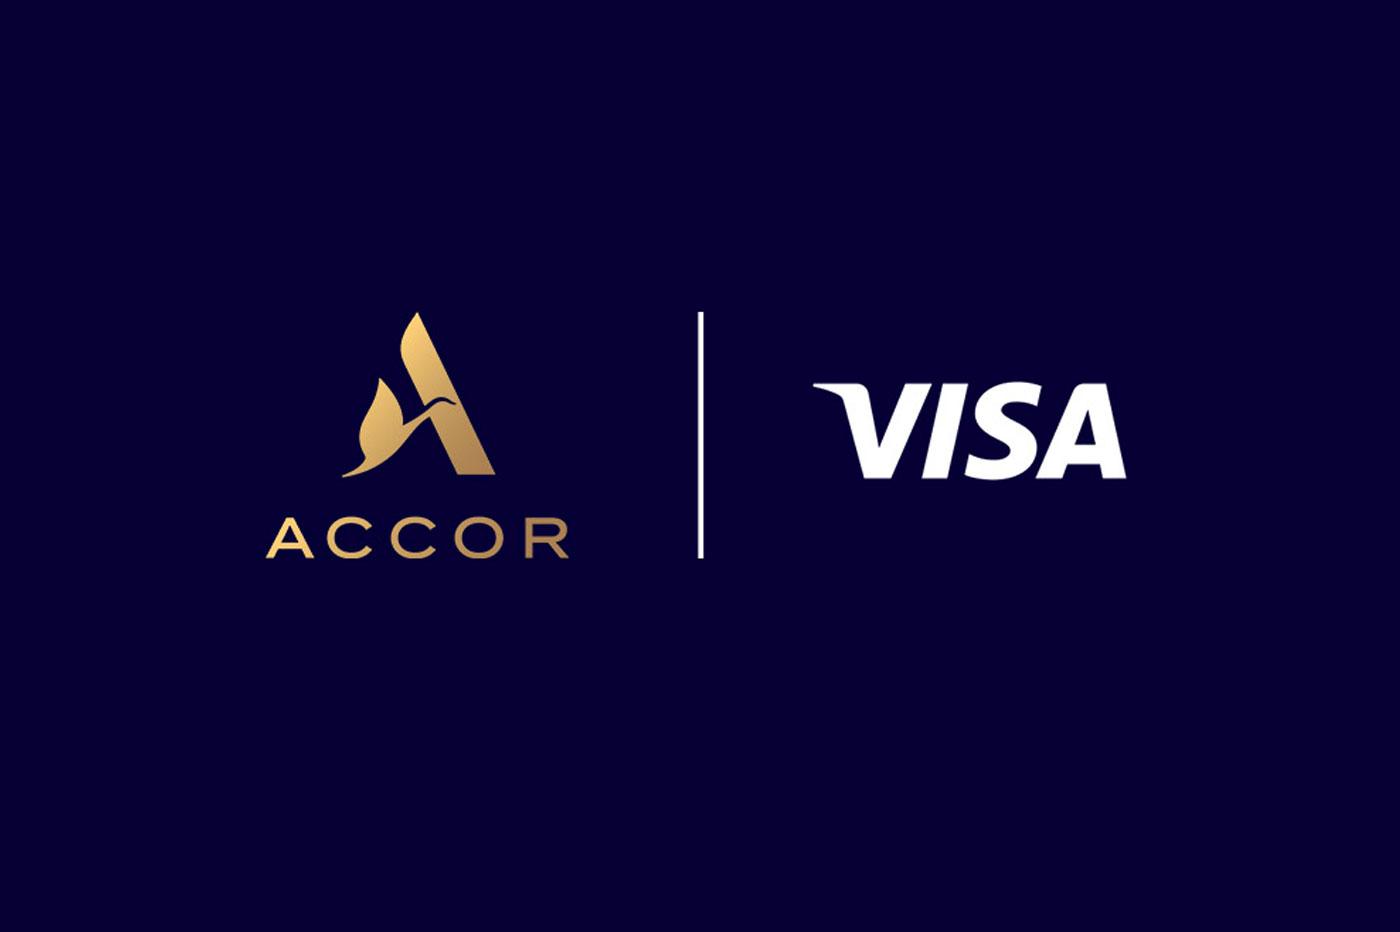 Accor et Visa